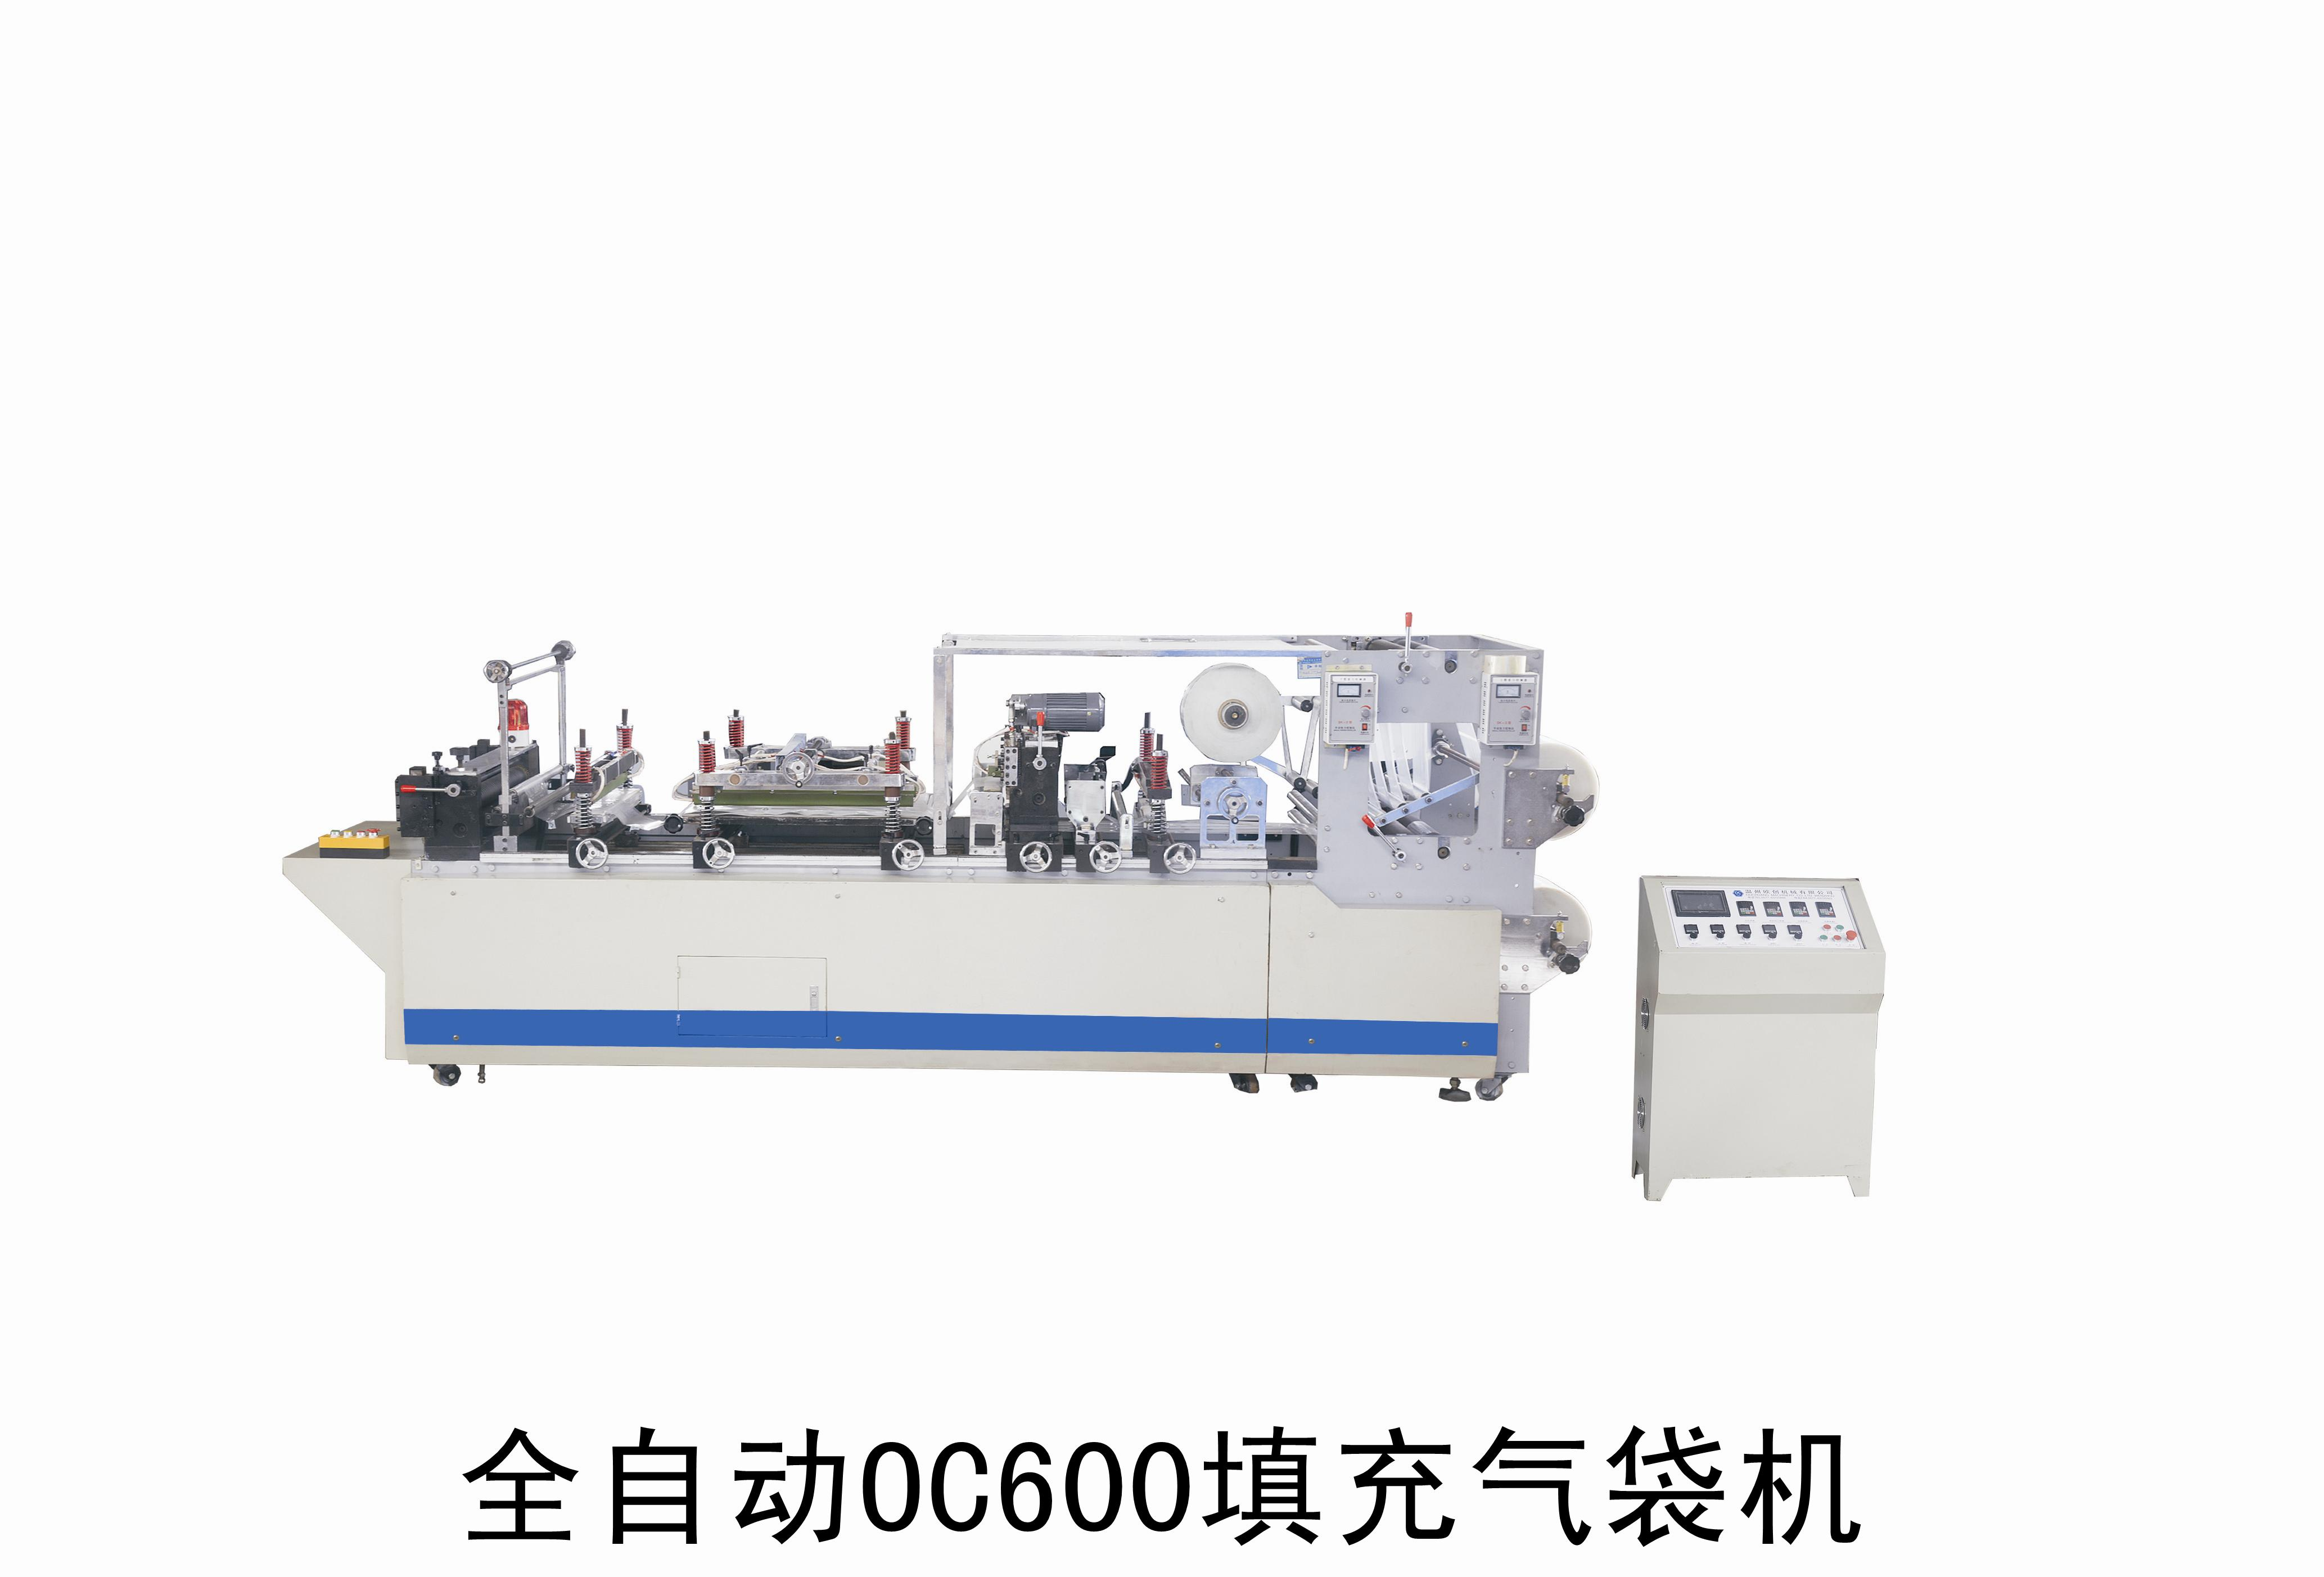 OC600型高速全自动充气填充袋制造机